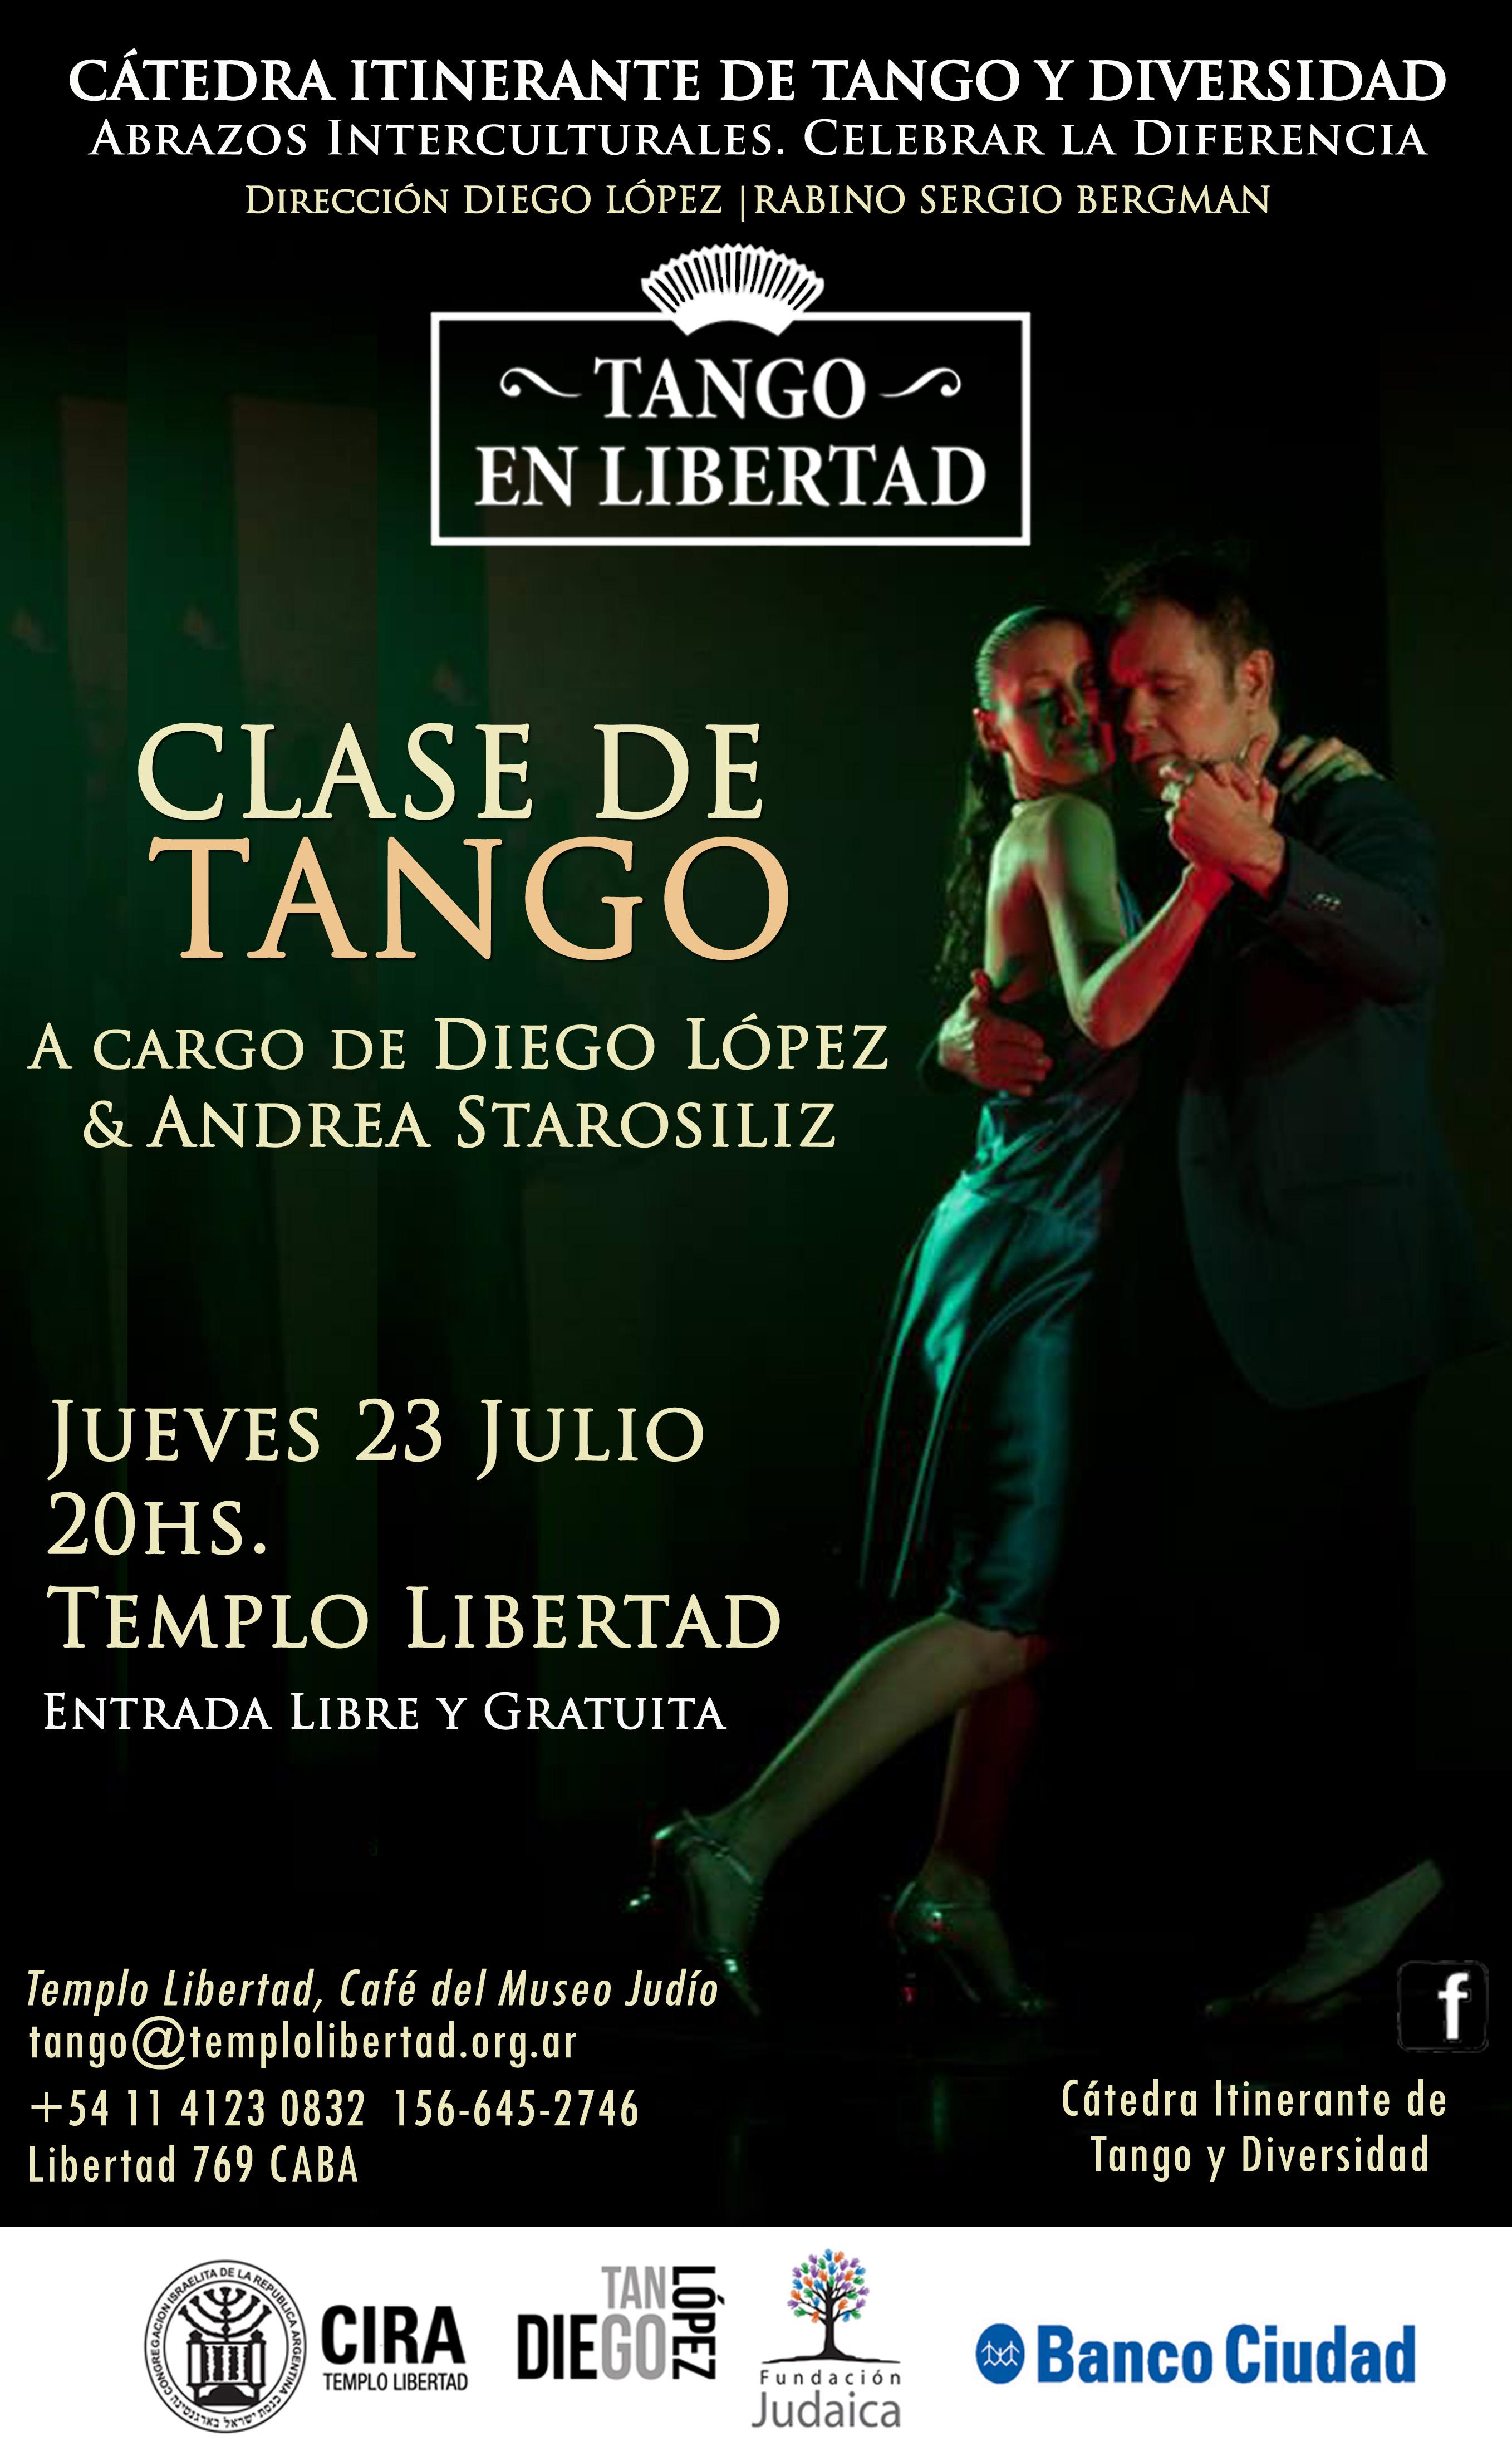 Clase de tango en libertad 23-7